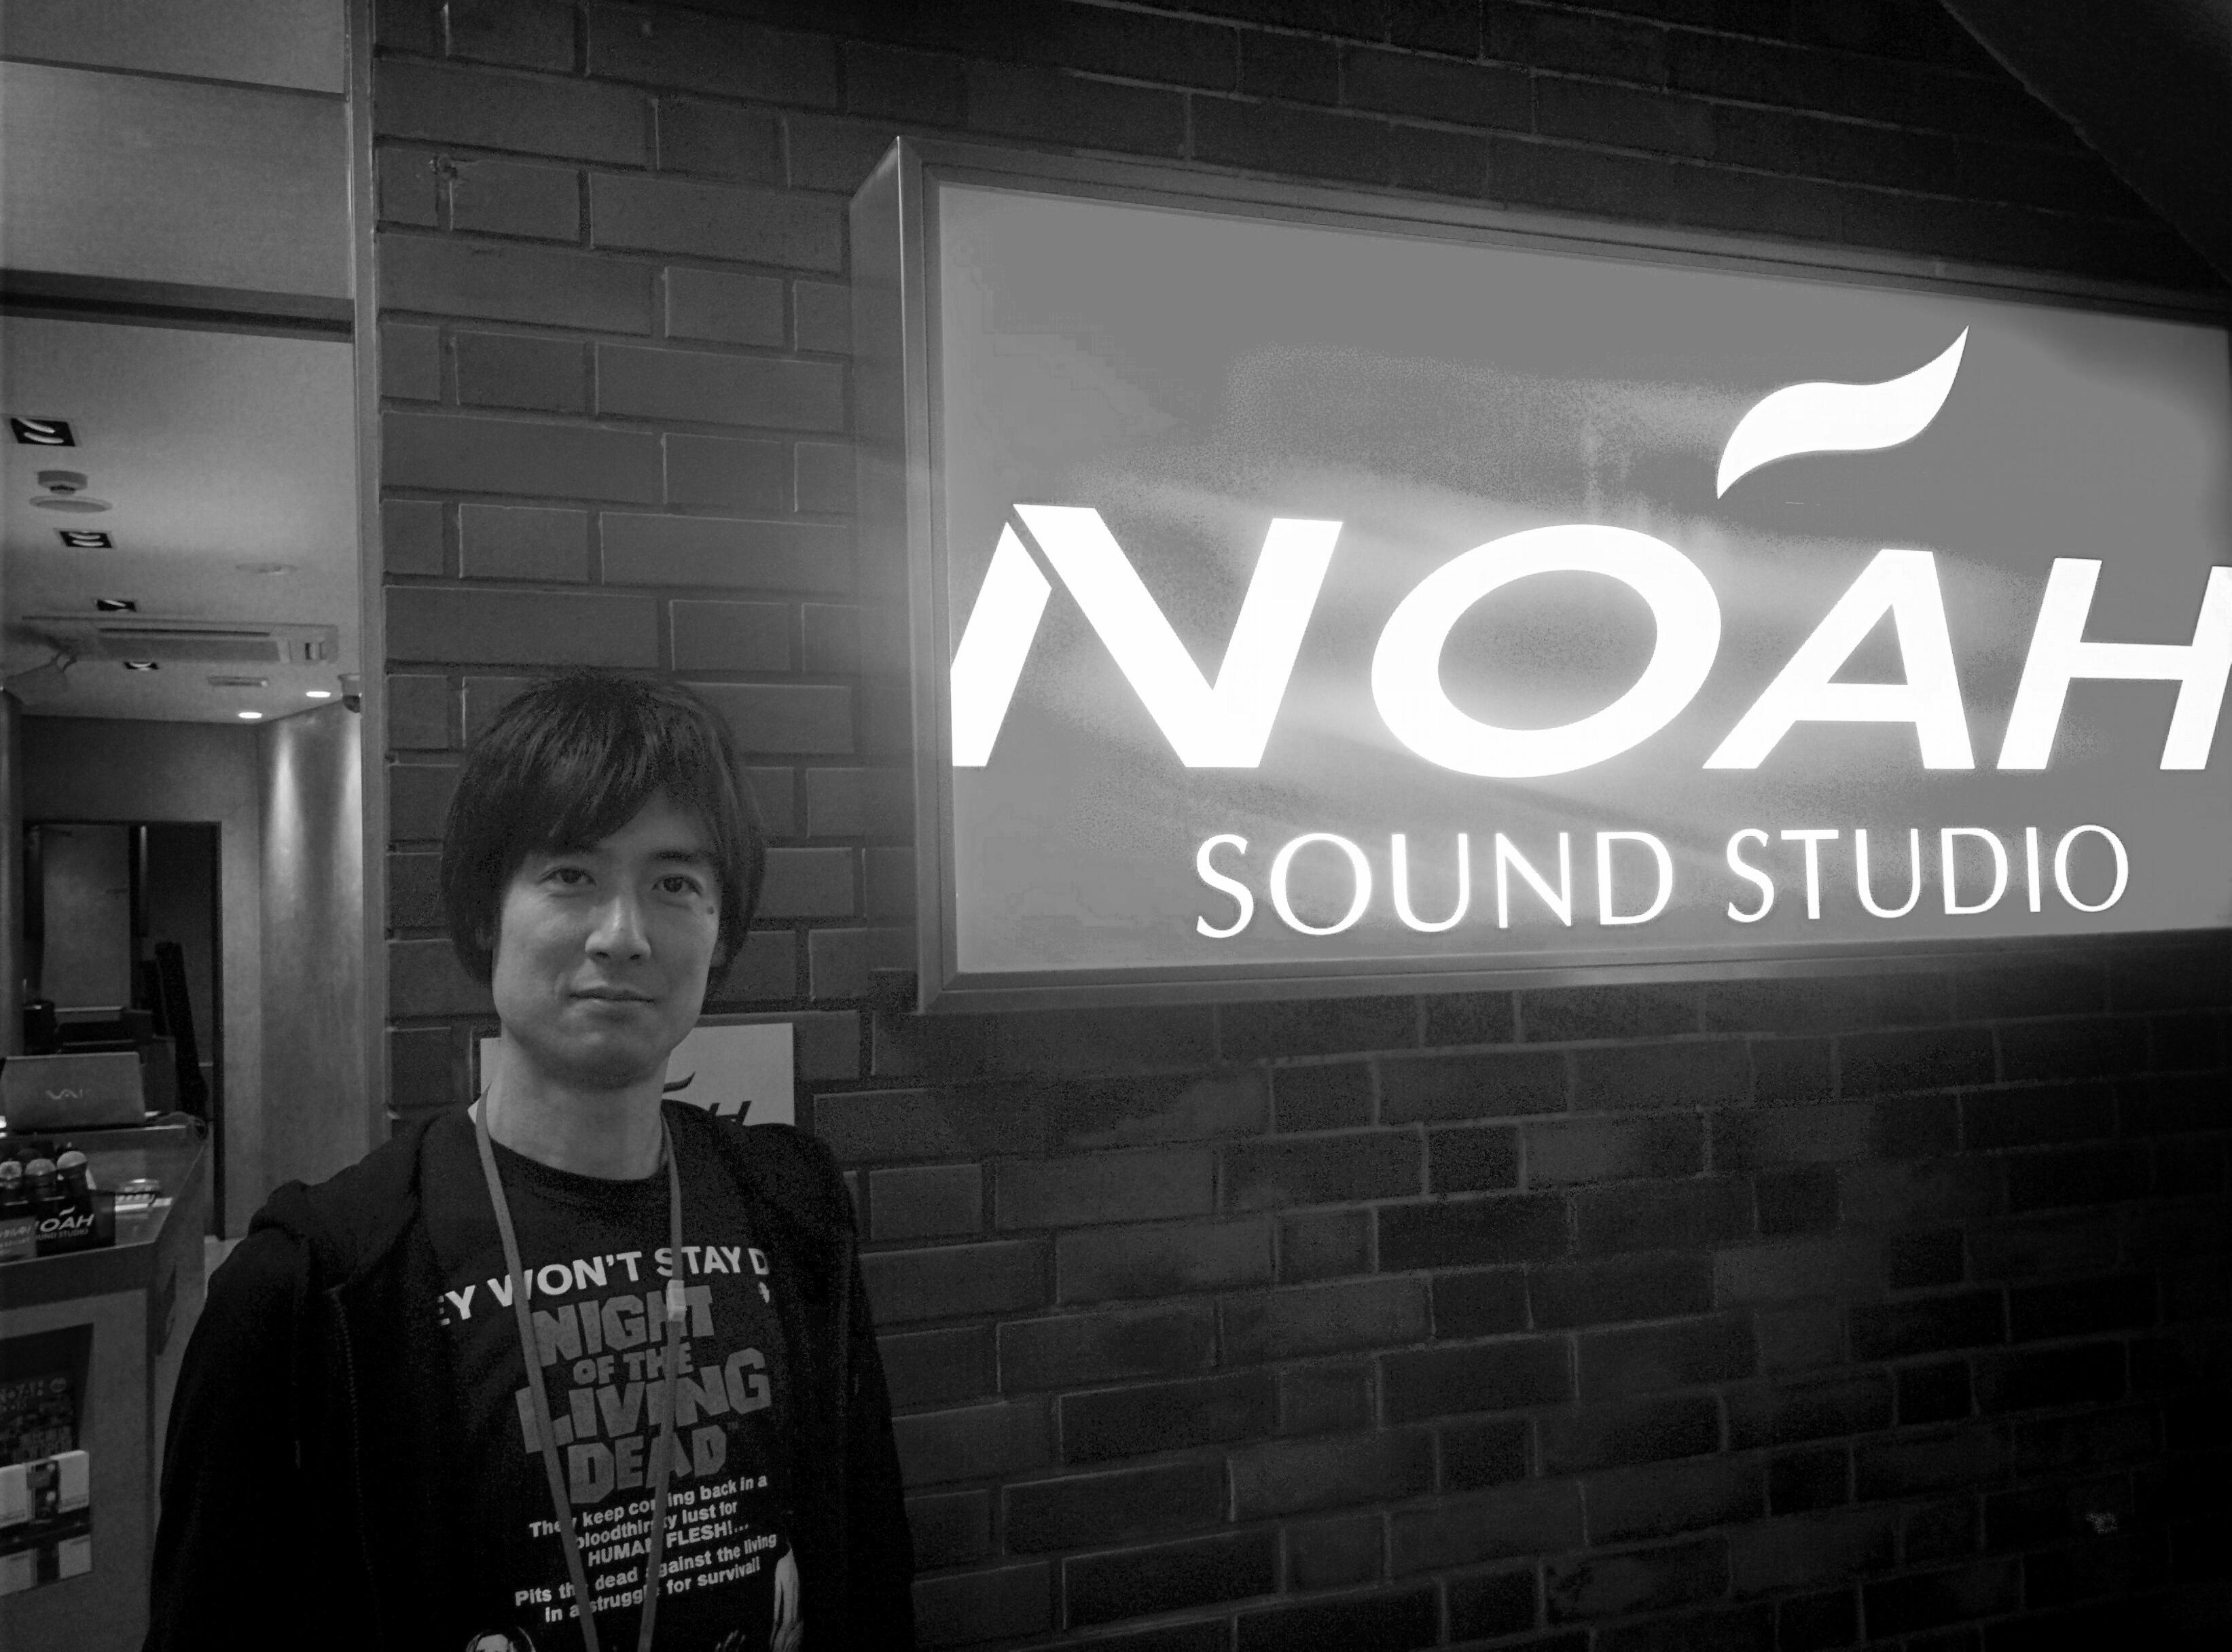 【音楽の仕事(東京都):中途採用】「音楽の扉を開いたばかりの方々を応援していきたい」